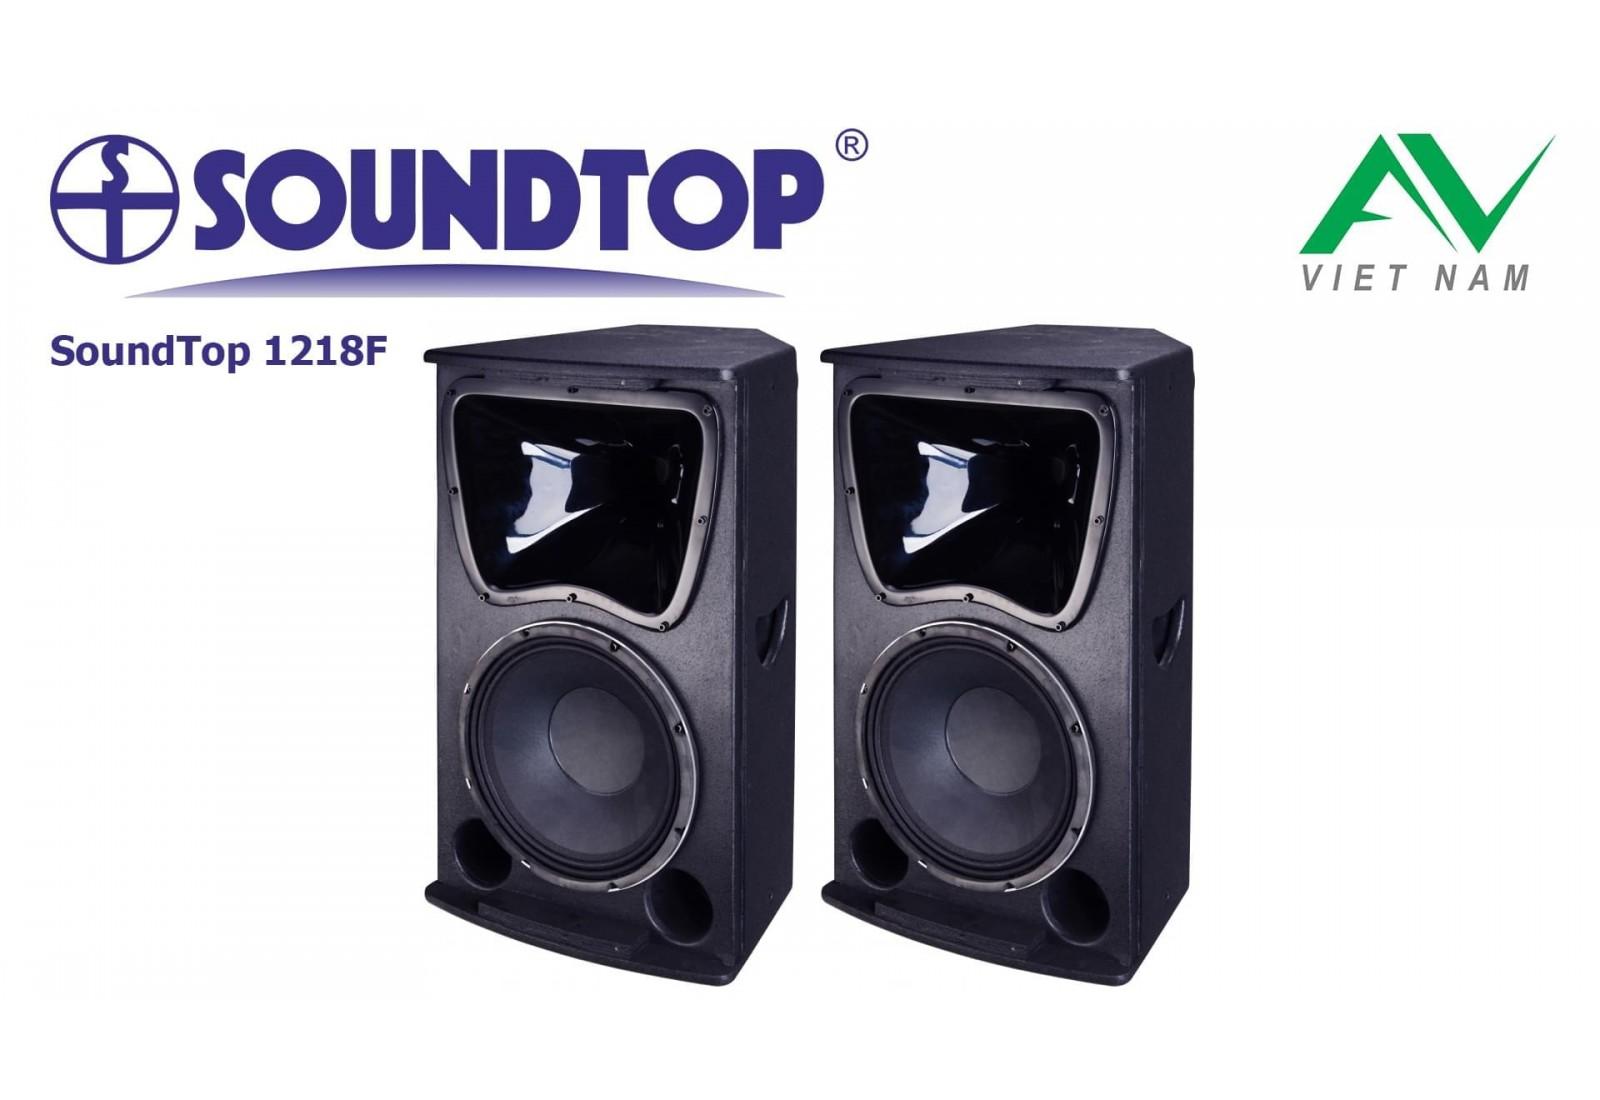 SoundTop 1218F